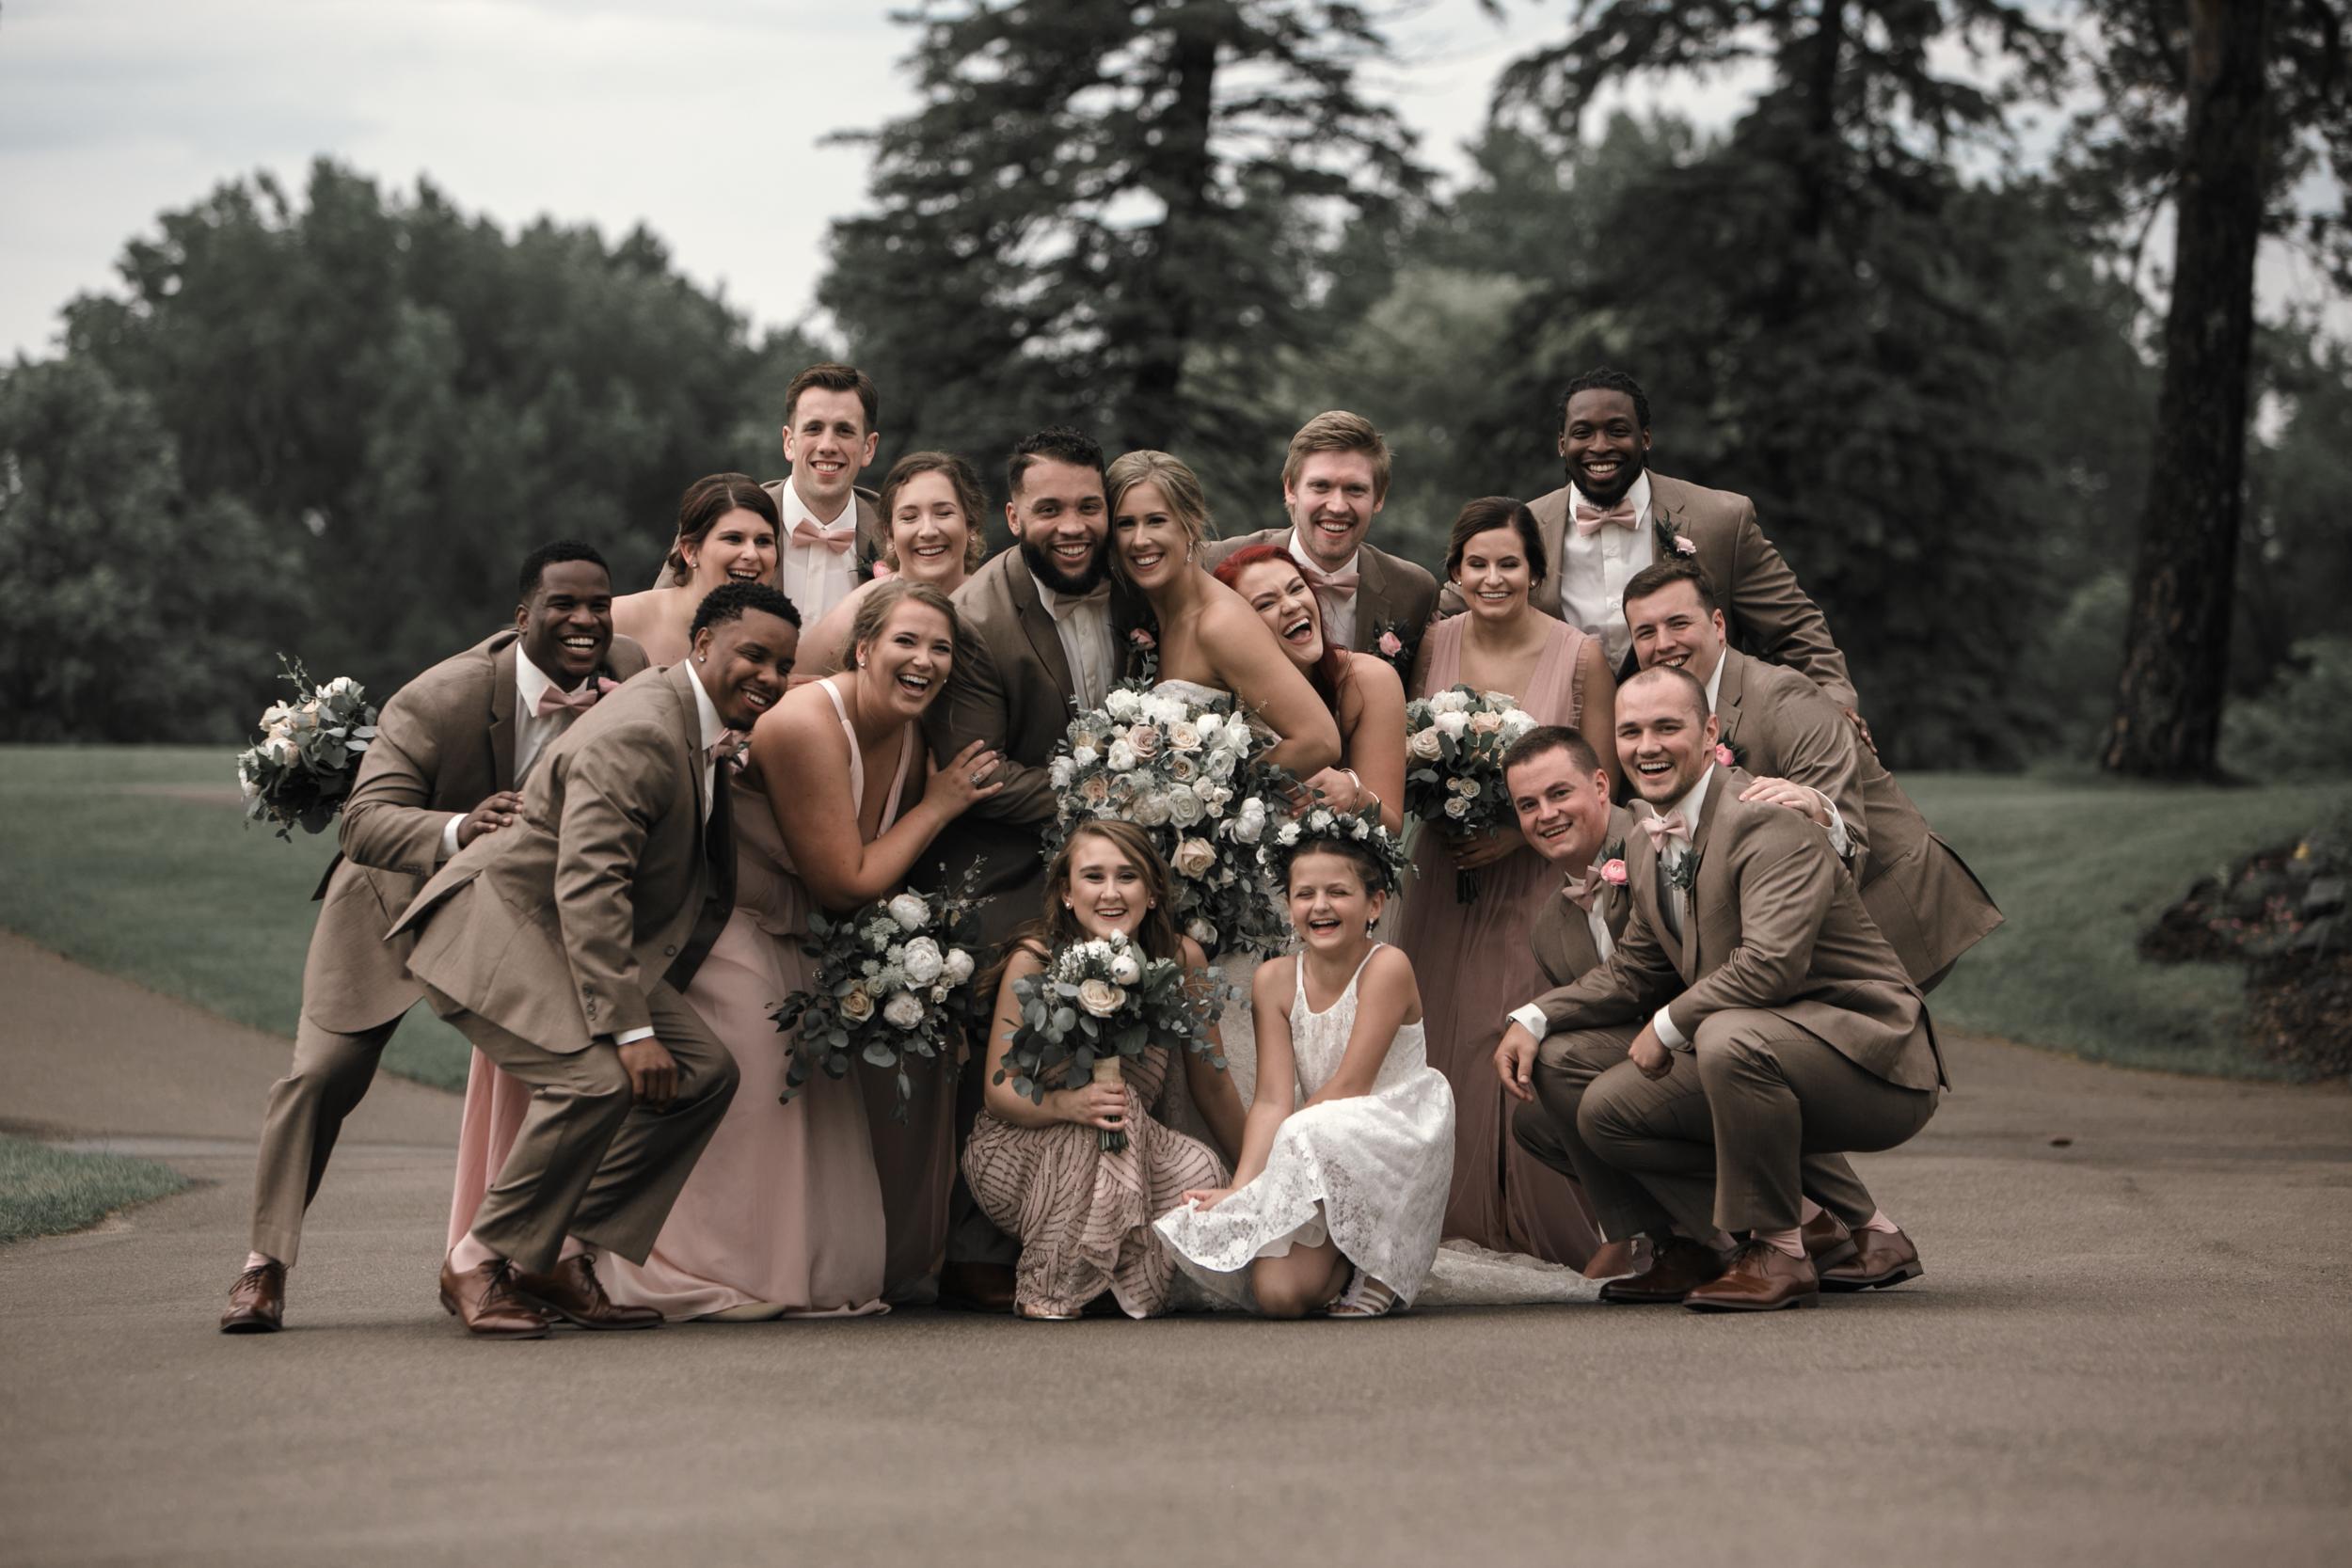 dellwood country club wedding*, Dellwood Country Club*, golf course wedding*, green golf course*, rose pink wedding details*-www.rachelsmak.com25.jpg